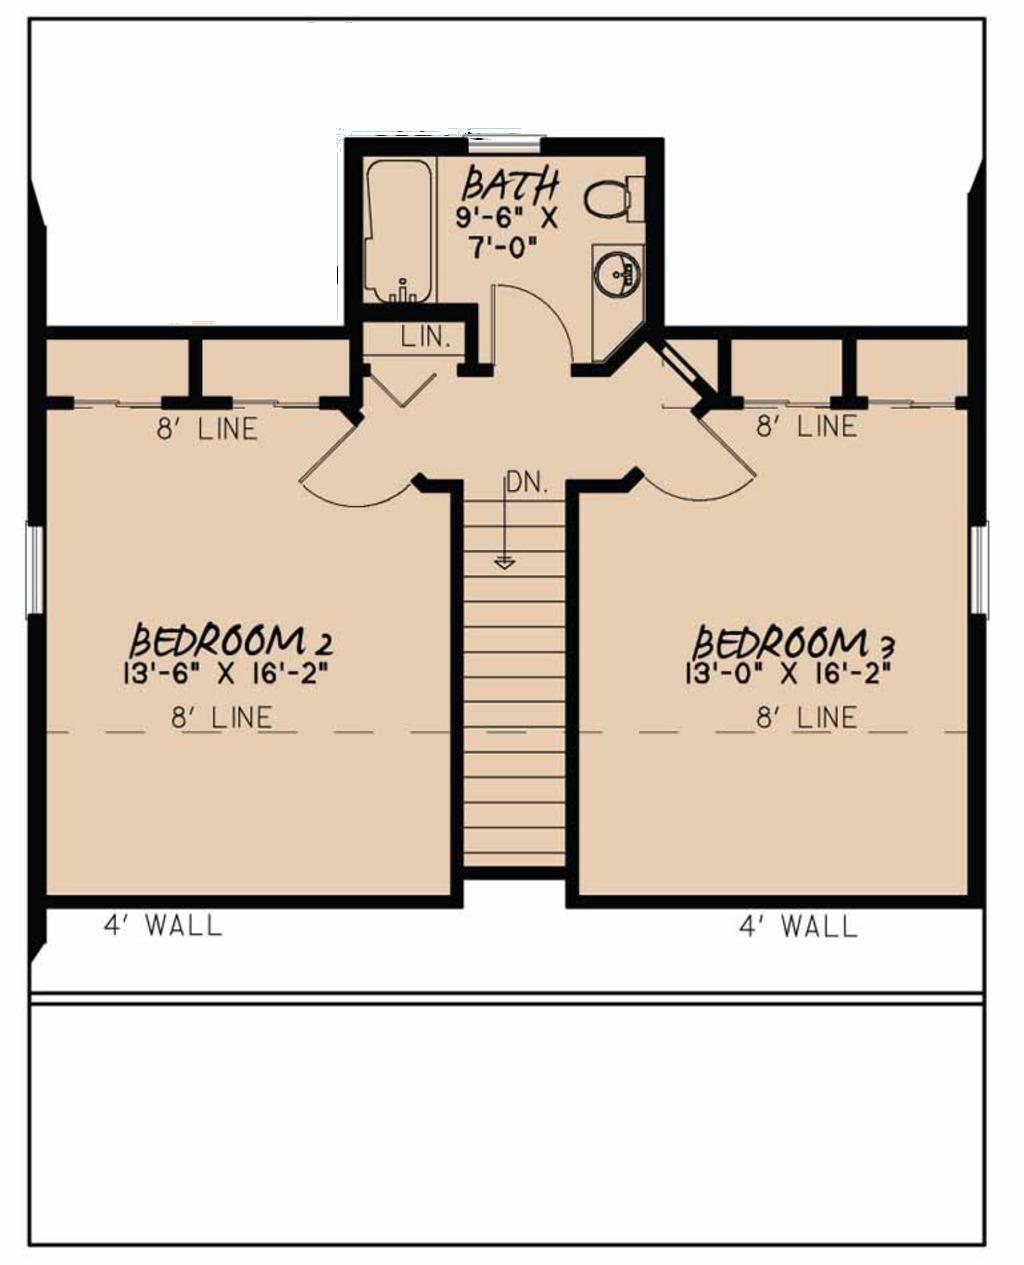 plano de casa de dos pisos y tres dormitorios con sótano en 153